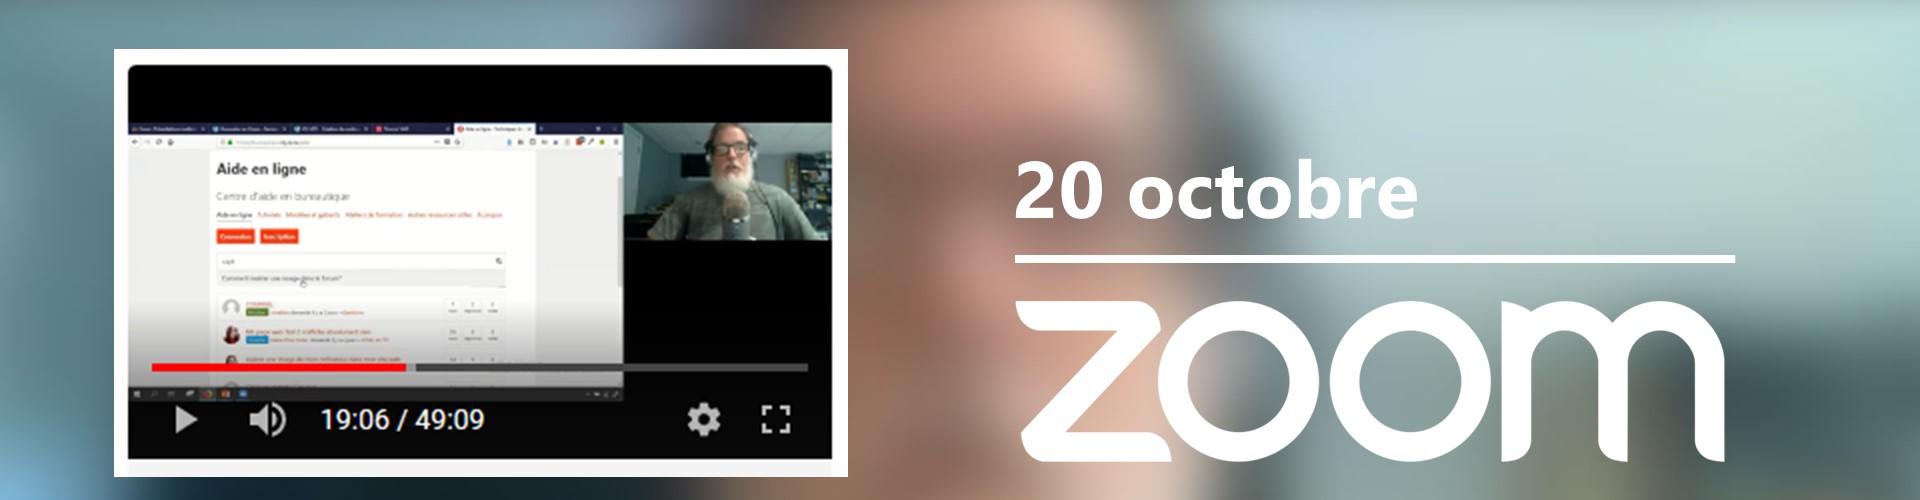 Rencontre du 20 octobre sur Zoom